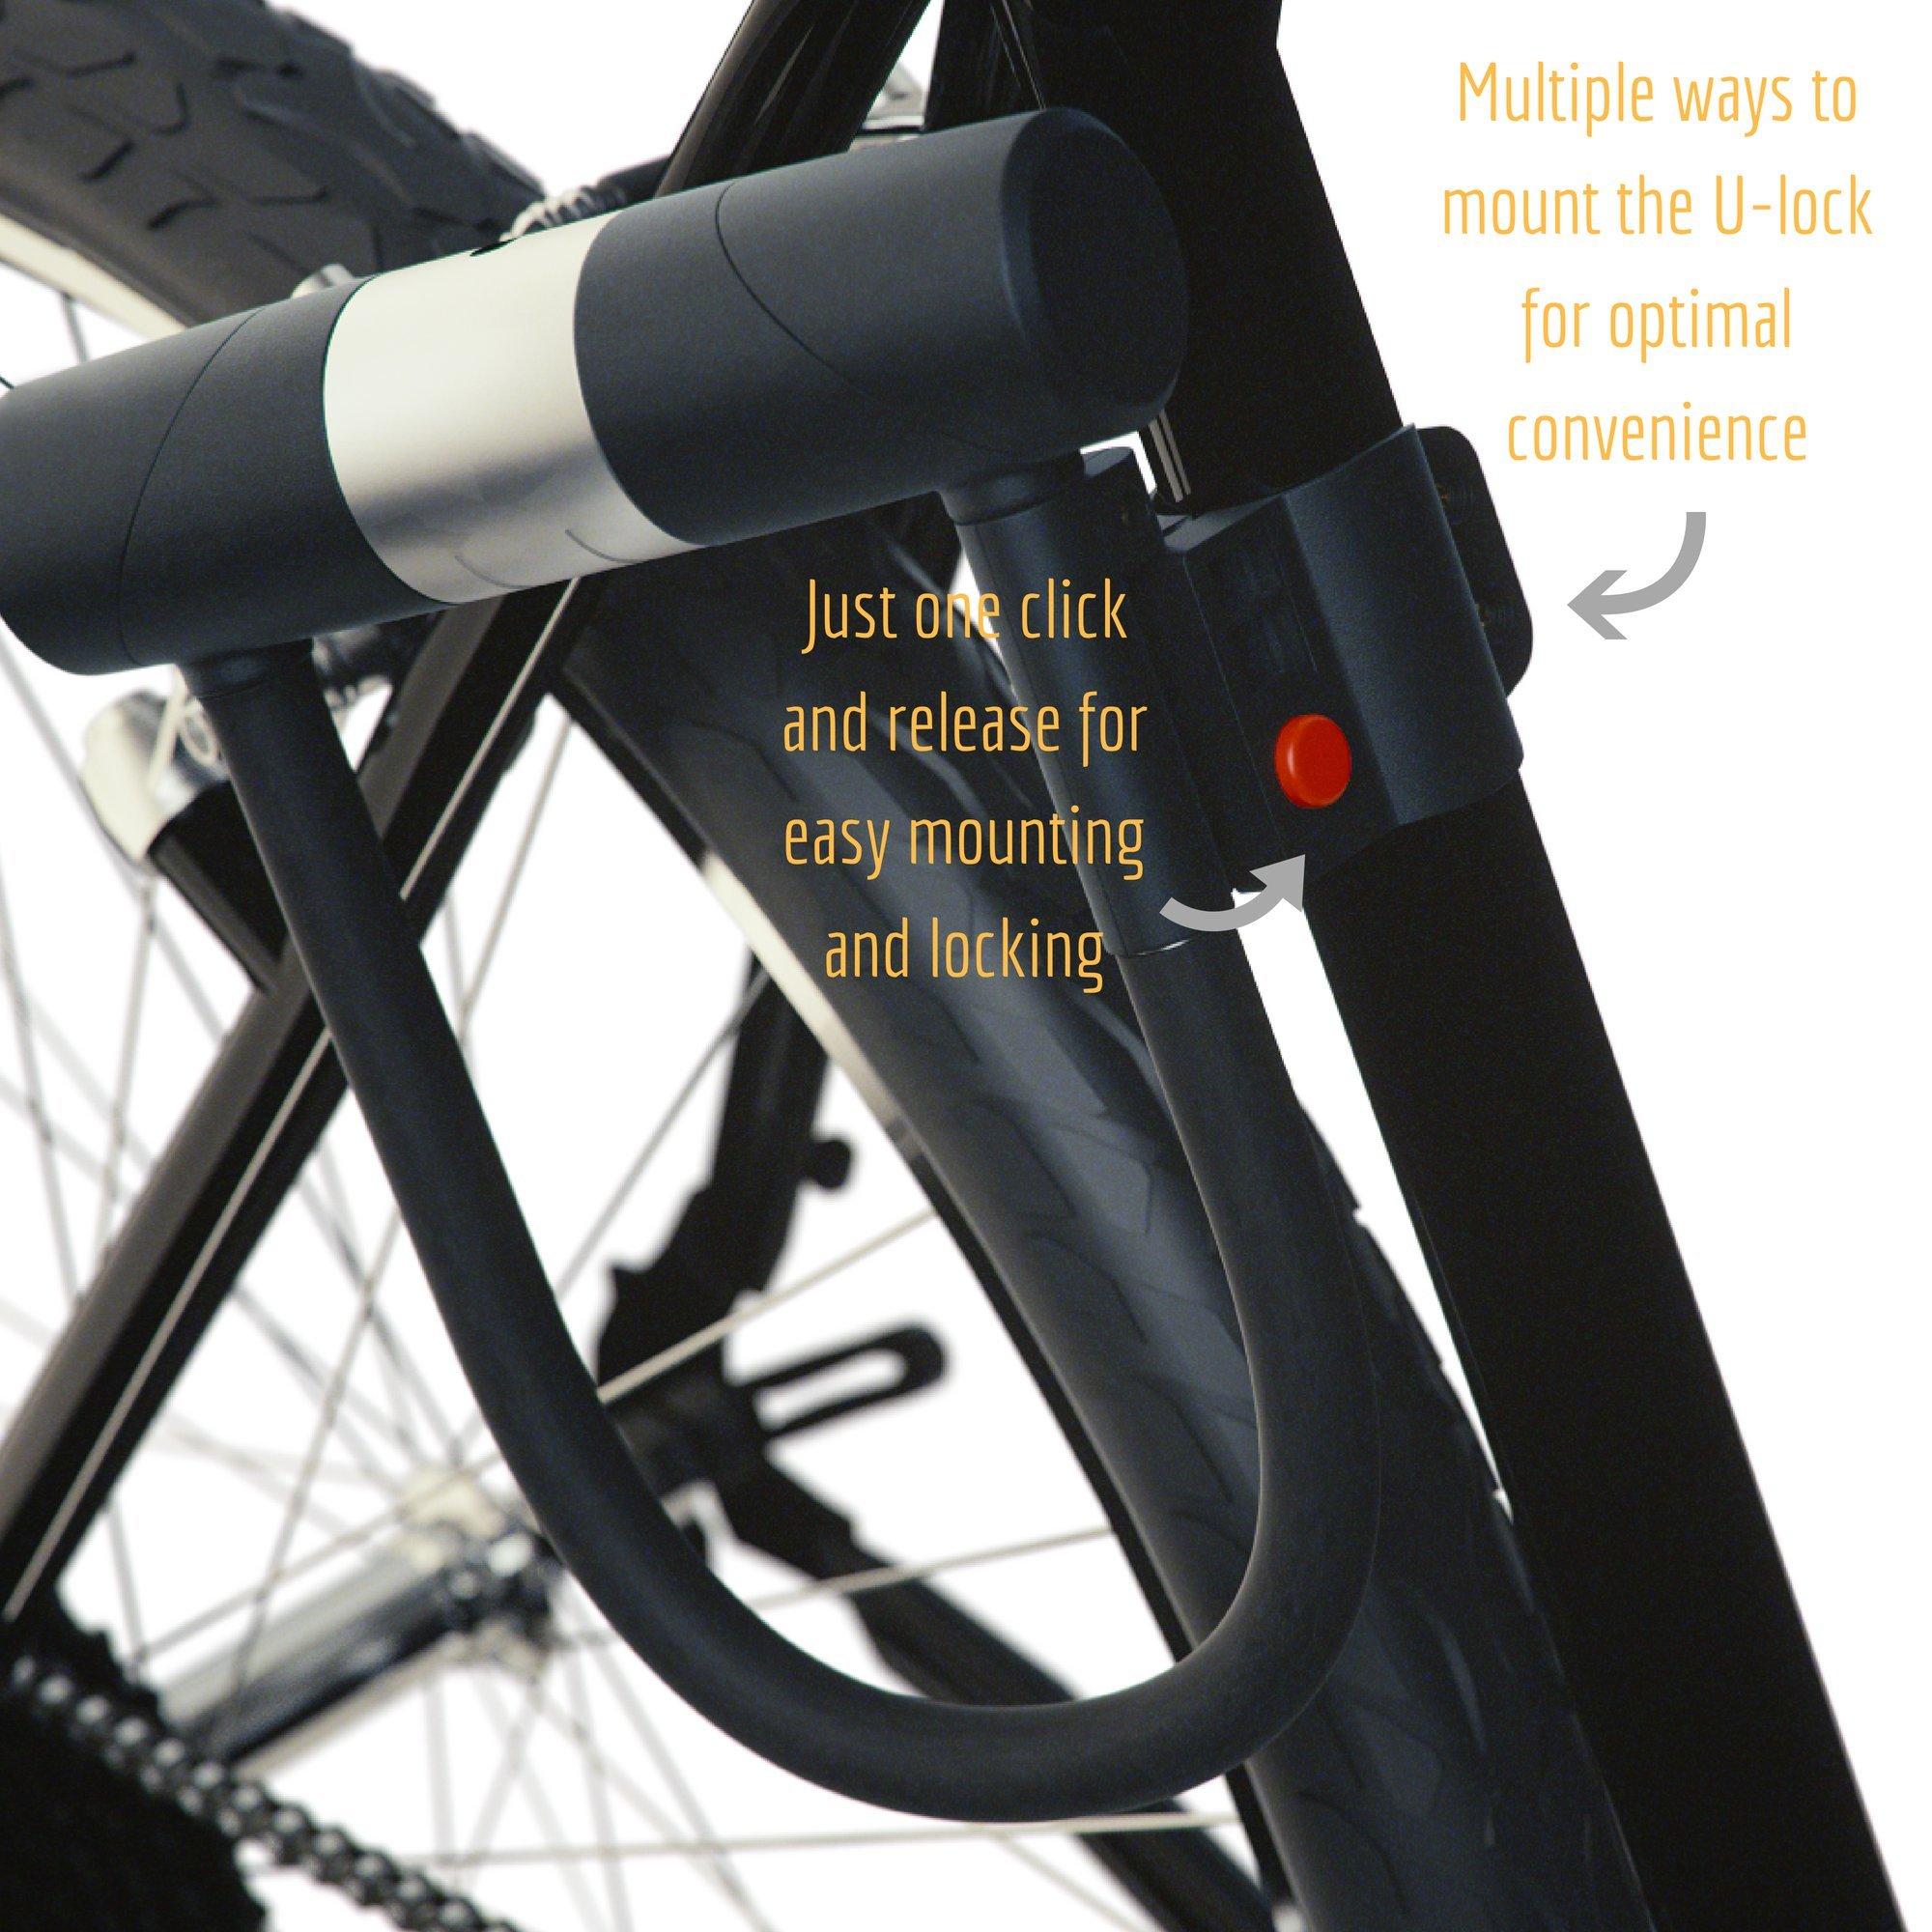 SIGTUNA Bike locks 16mm Heavy Duty Bike Lock with U Lock Shackle and Mounting